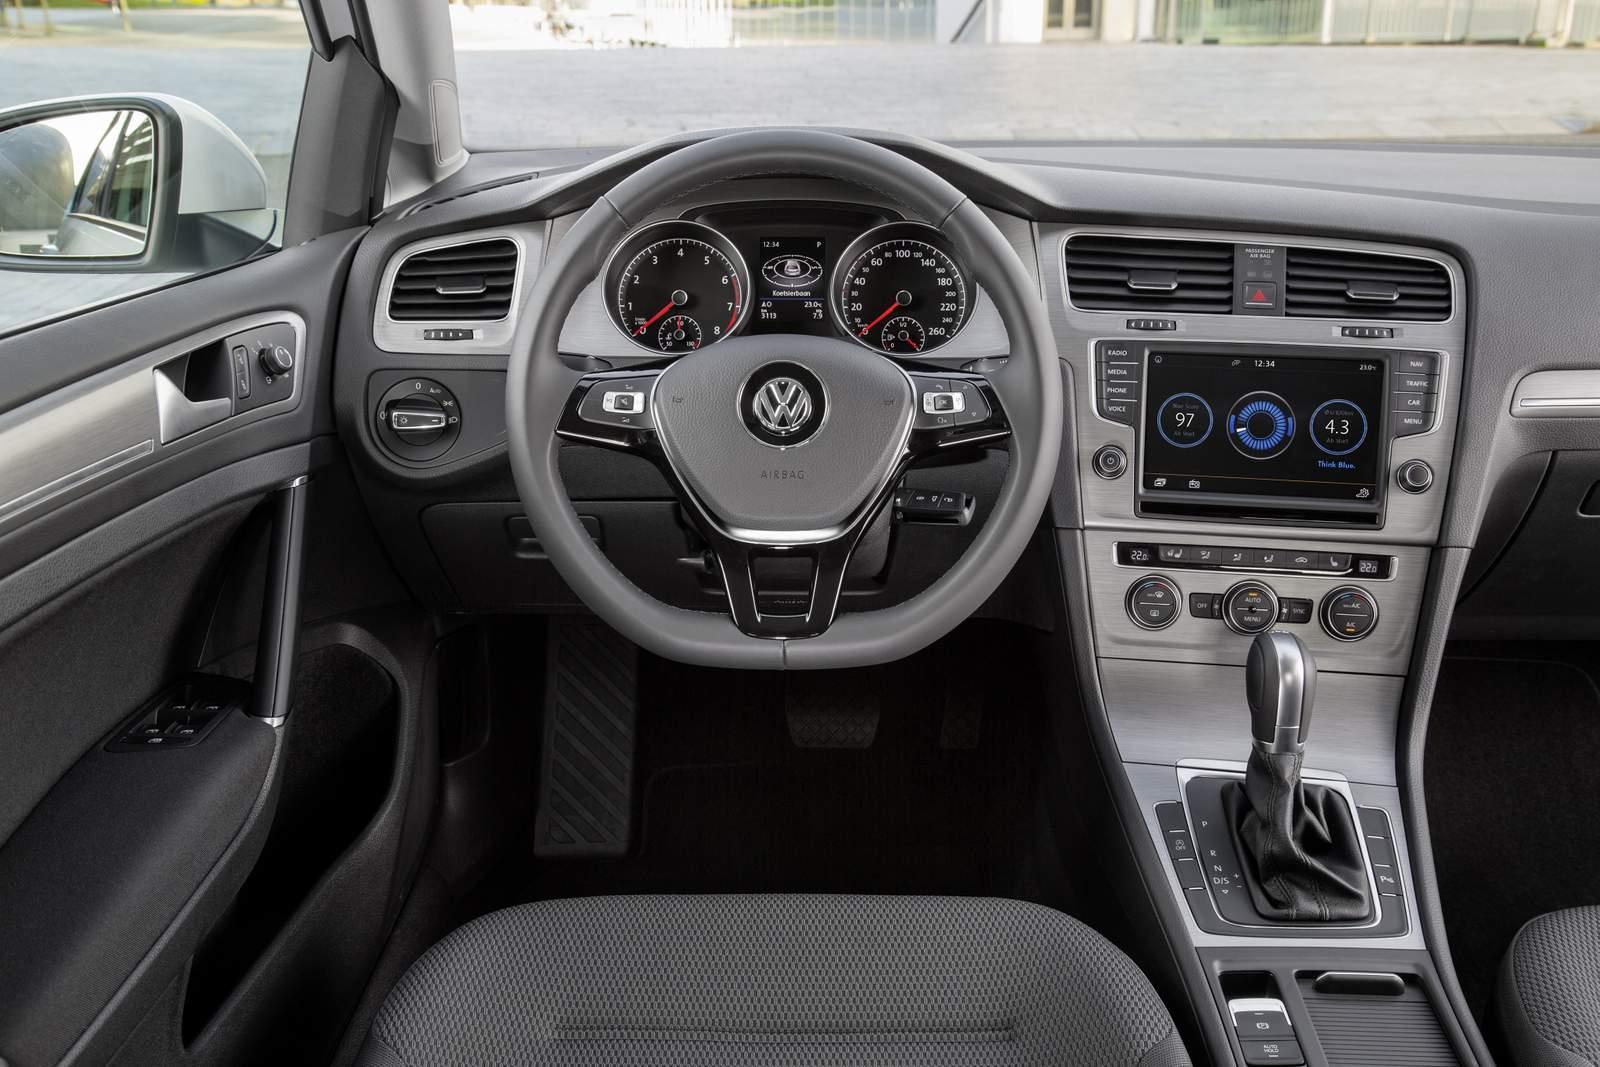 VW Golf 1.0 TSI - Brasil